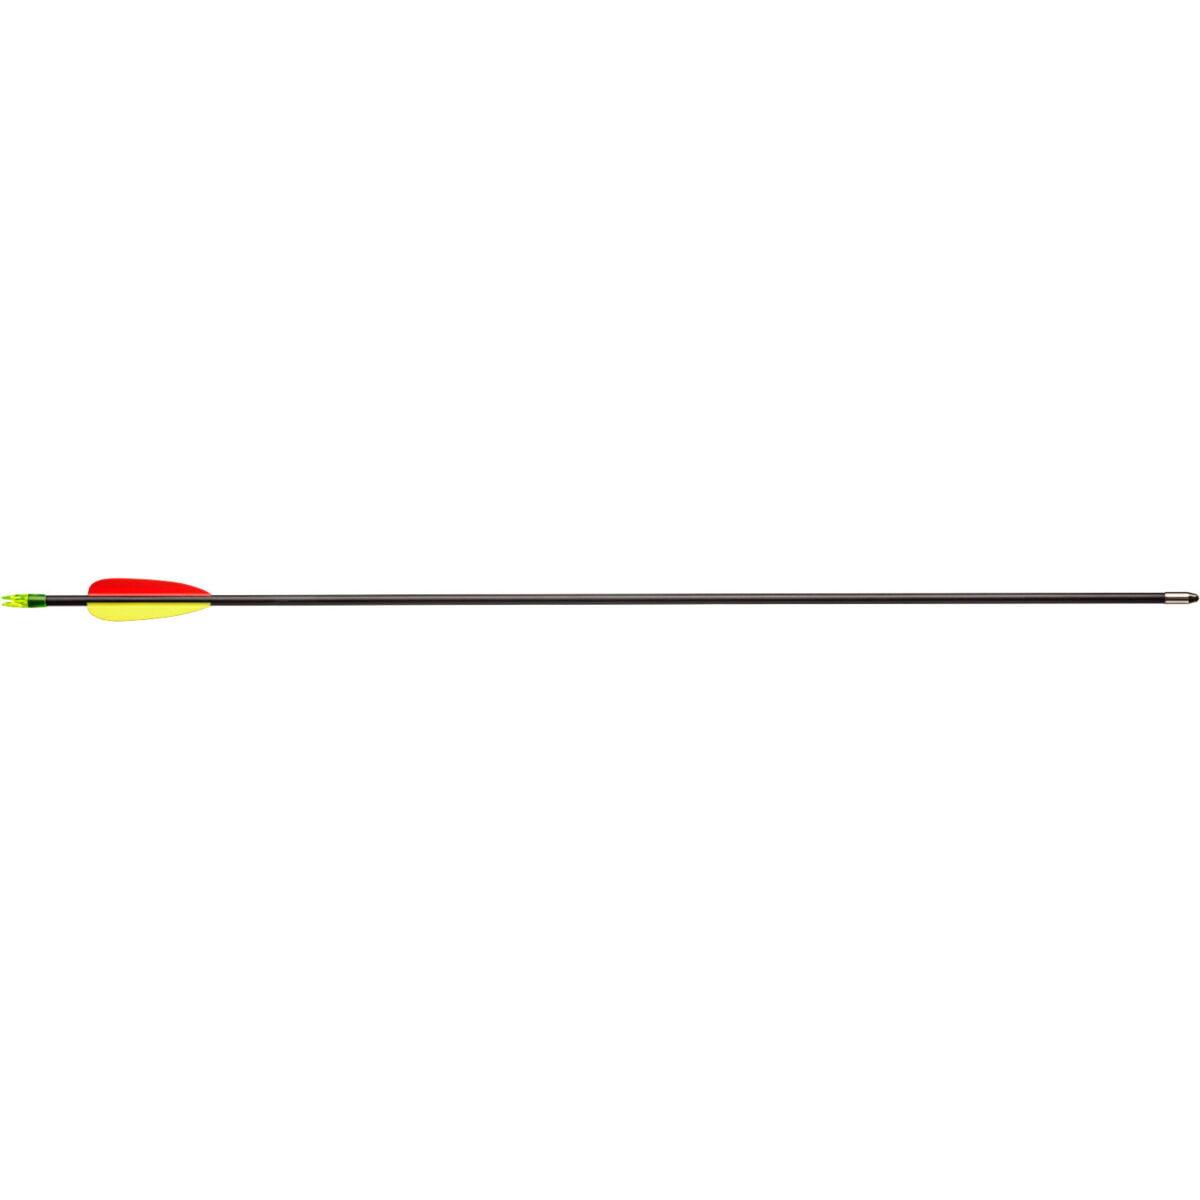 Стрела для лука Man Kung MK-FA28 ,фиберглас ц:черный